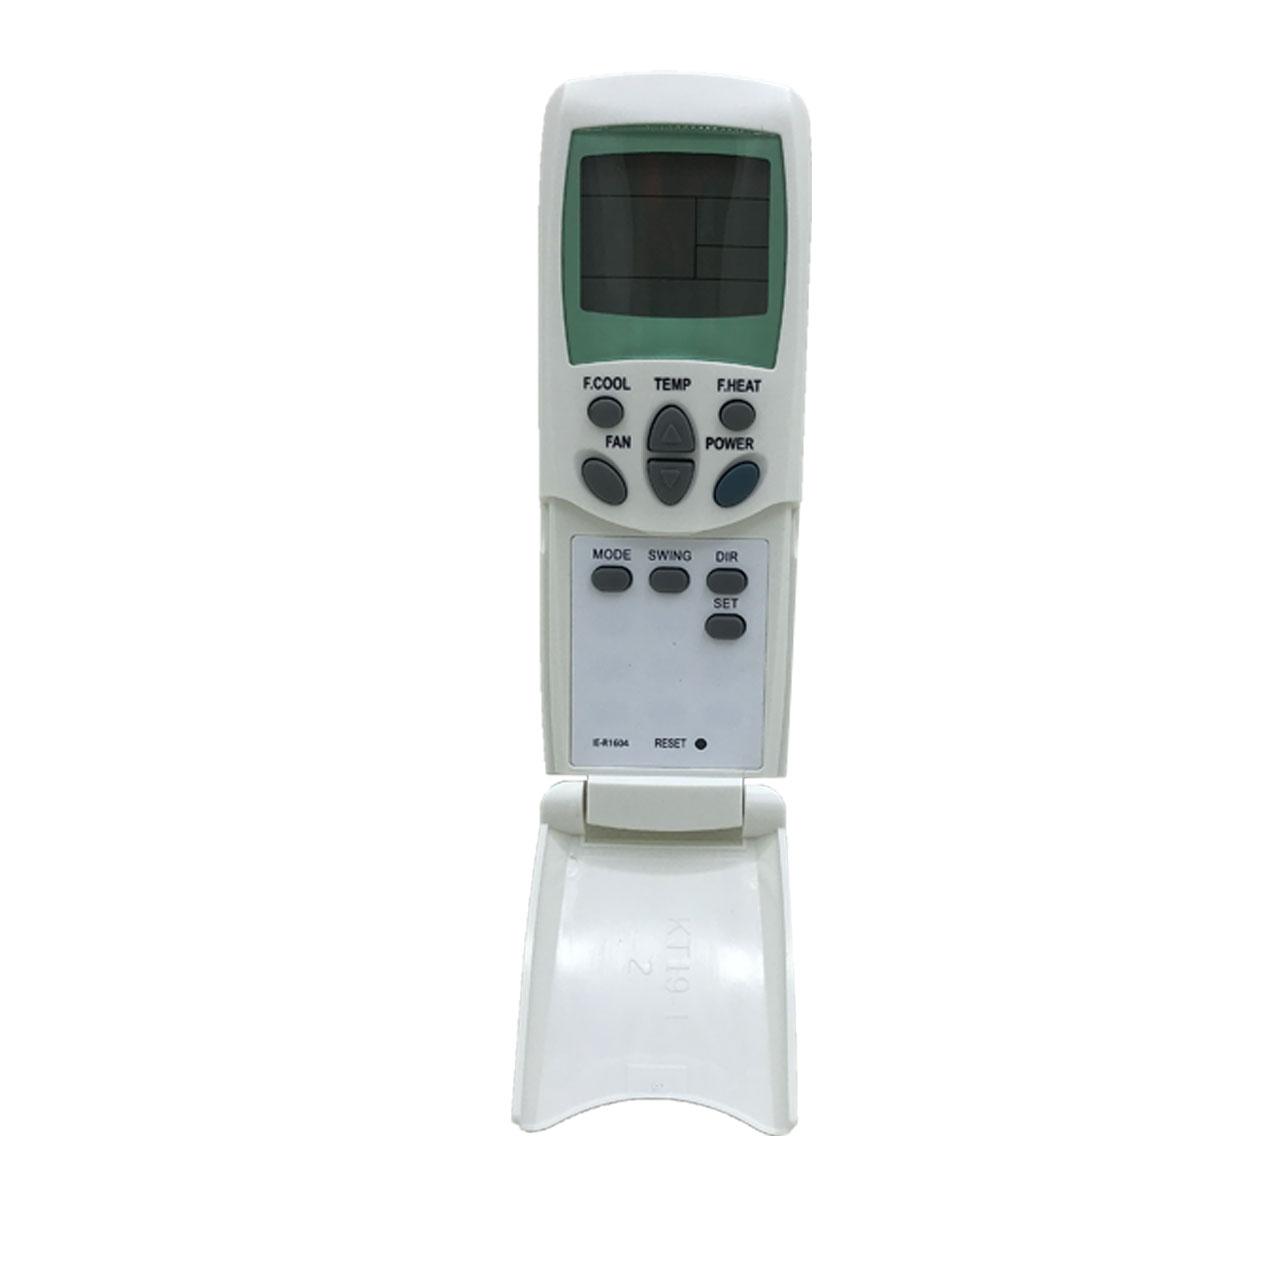 ریموت کنترل مدل IE-R1604 مناسب برای کولر گازی الجی